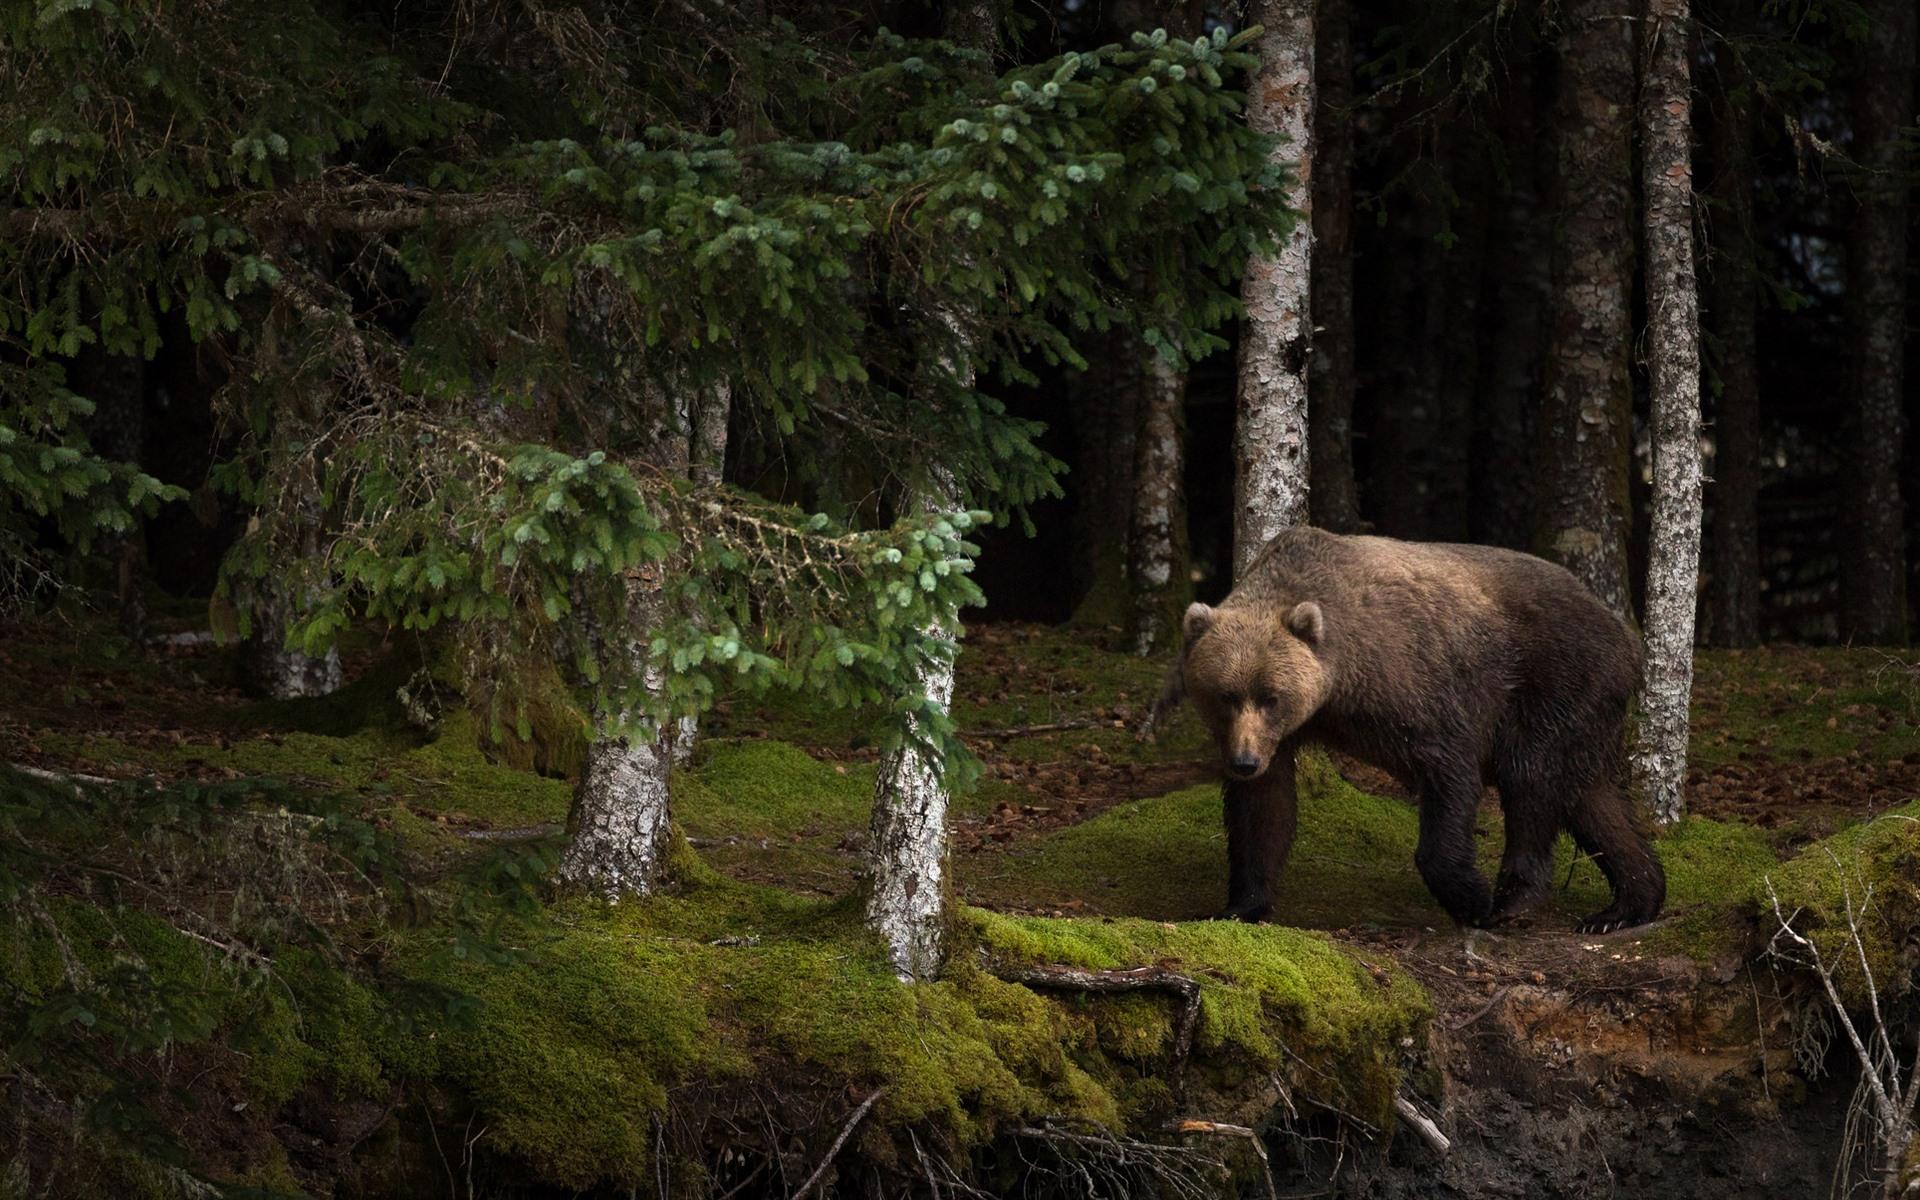 одной картинки на телефон медведи в лесу принимай необдуманных решений